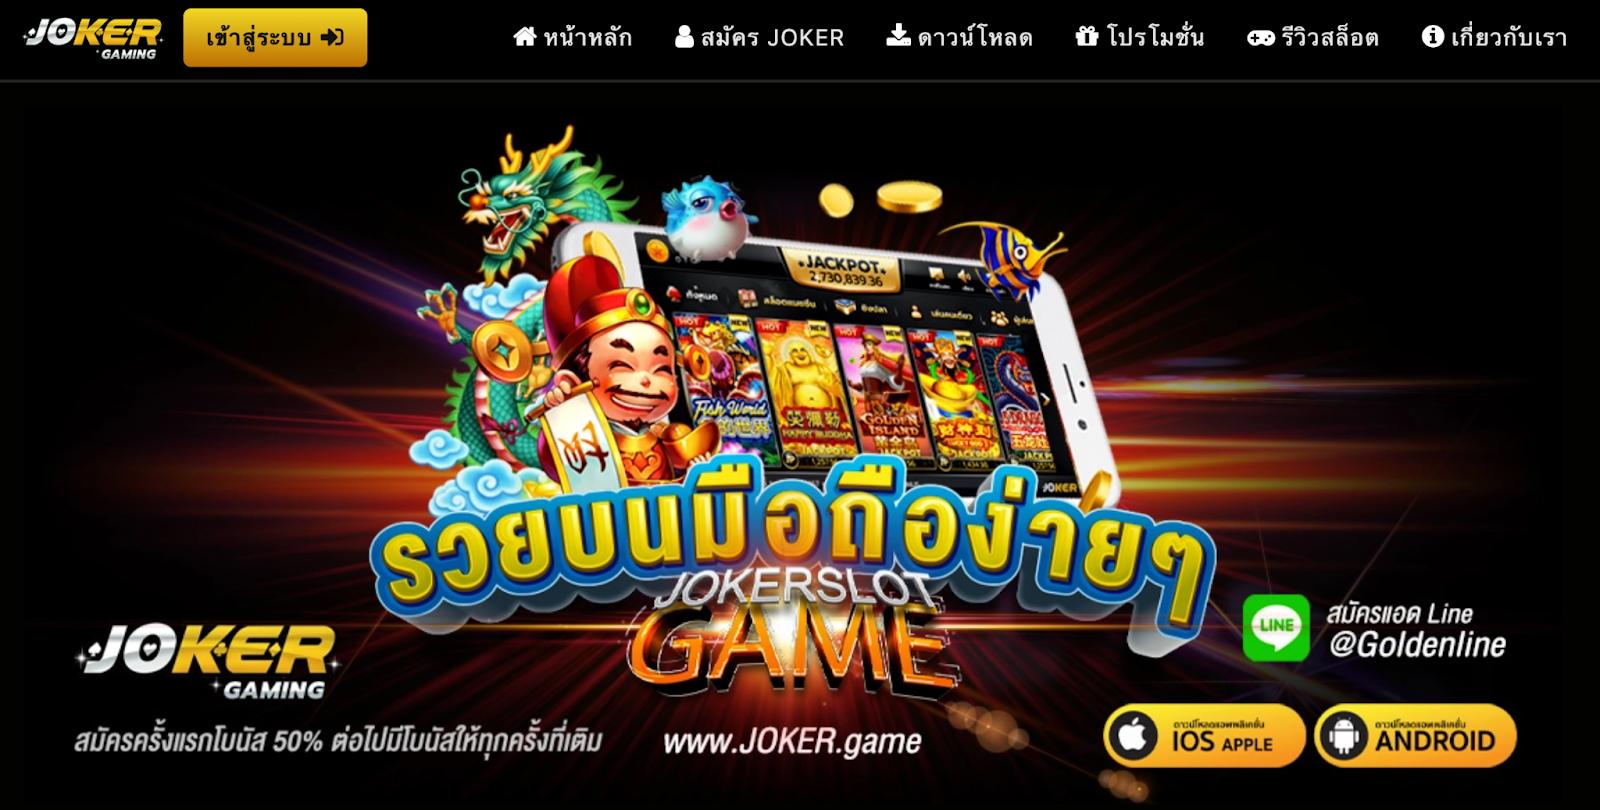 เว็บสล็อตโจ๊กเกอร์อันดับที่ 6 Joker Gaming